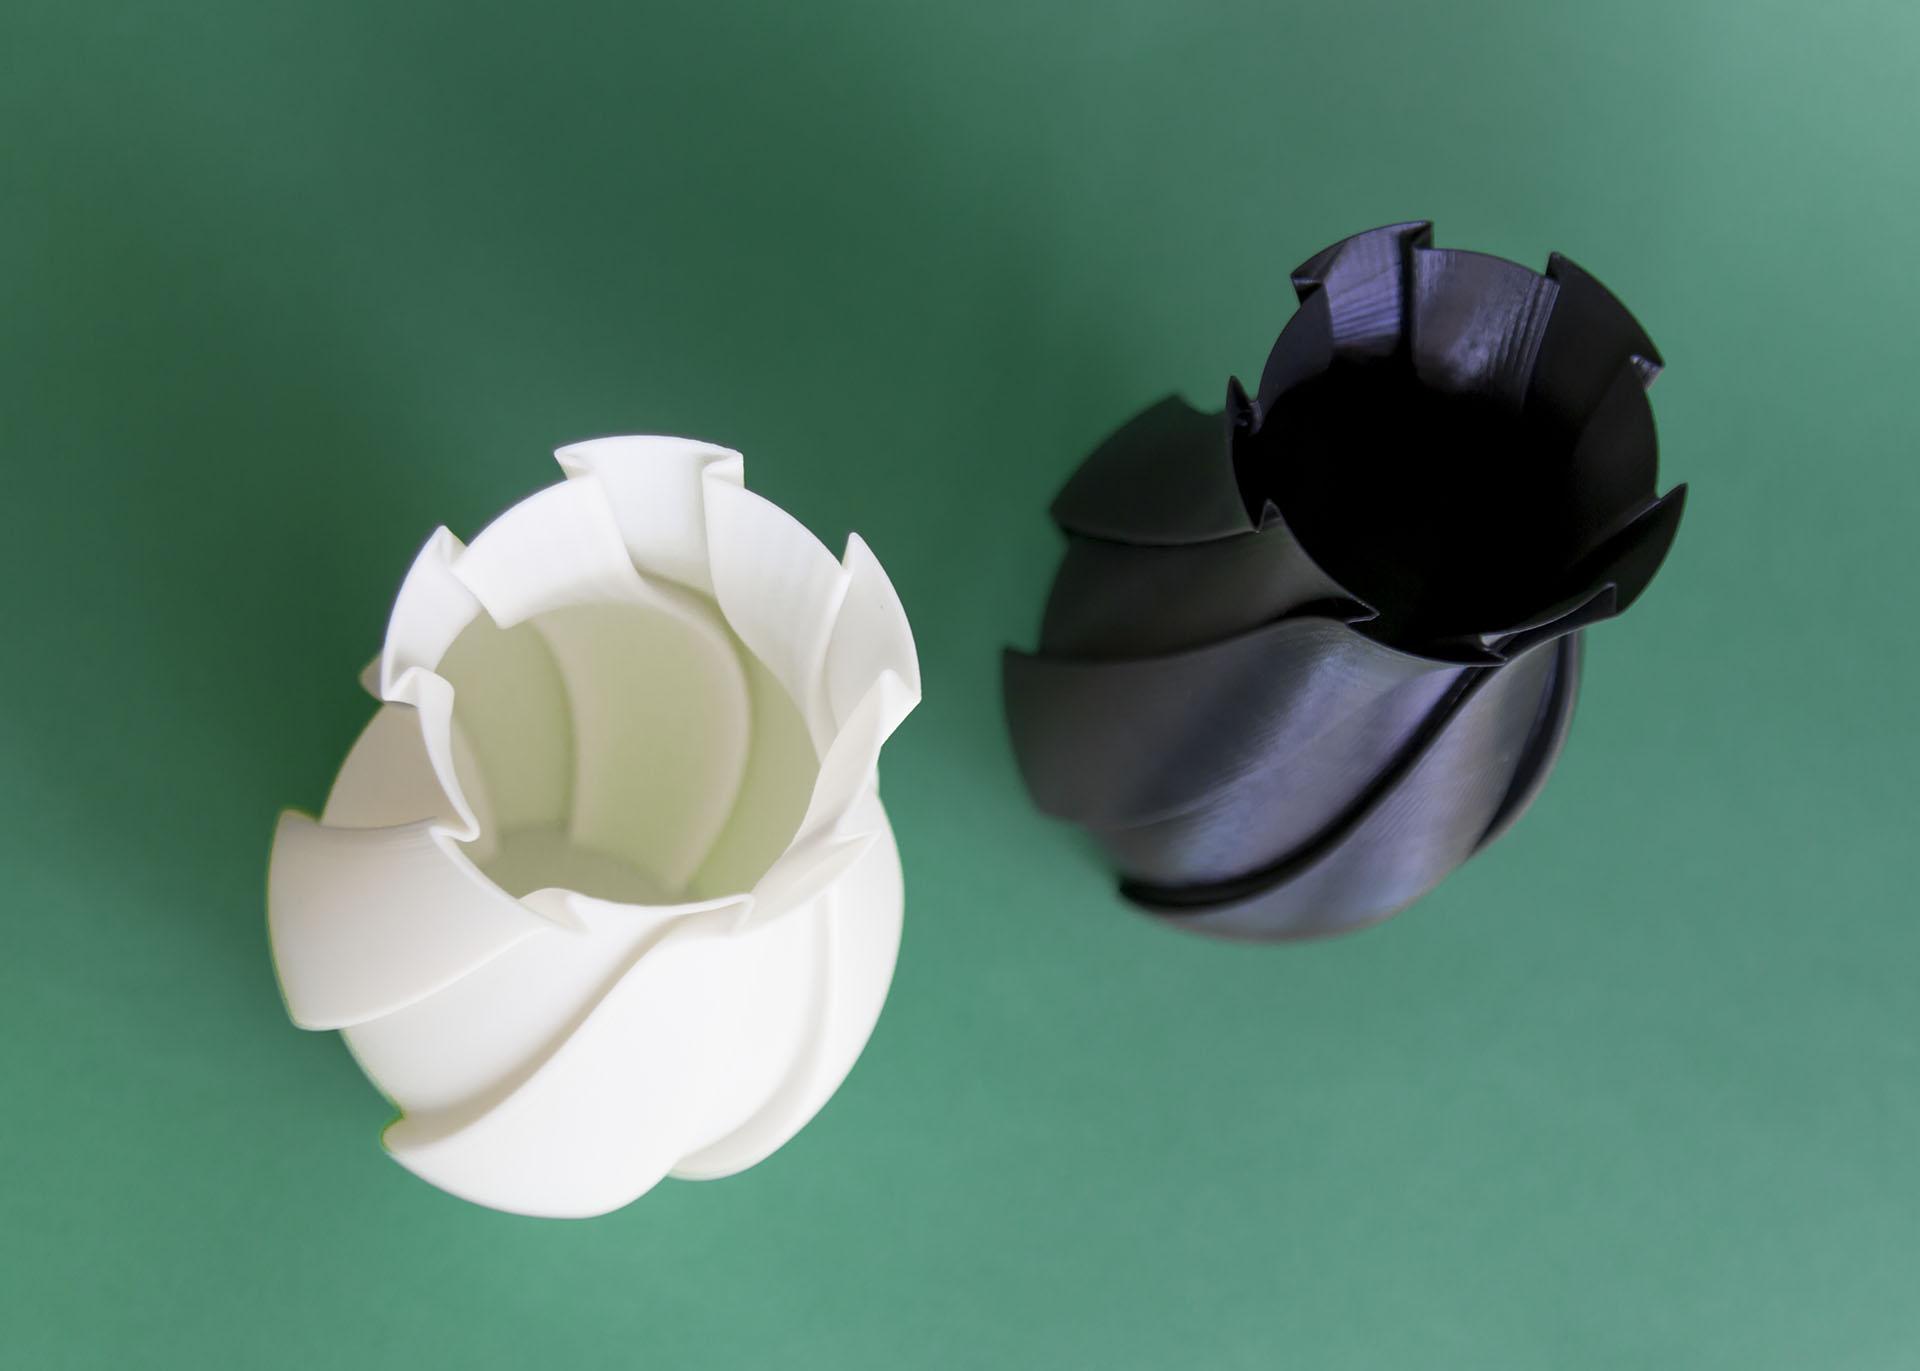 Vasame, vaso stampato 3D in bianco e nero